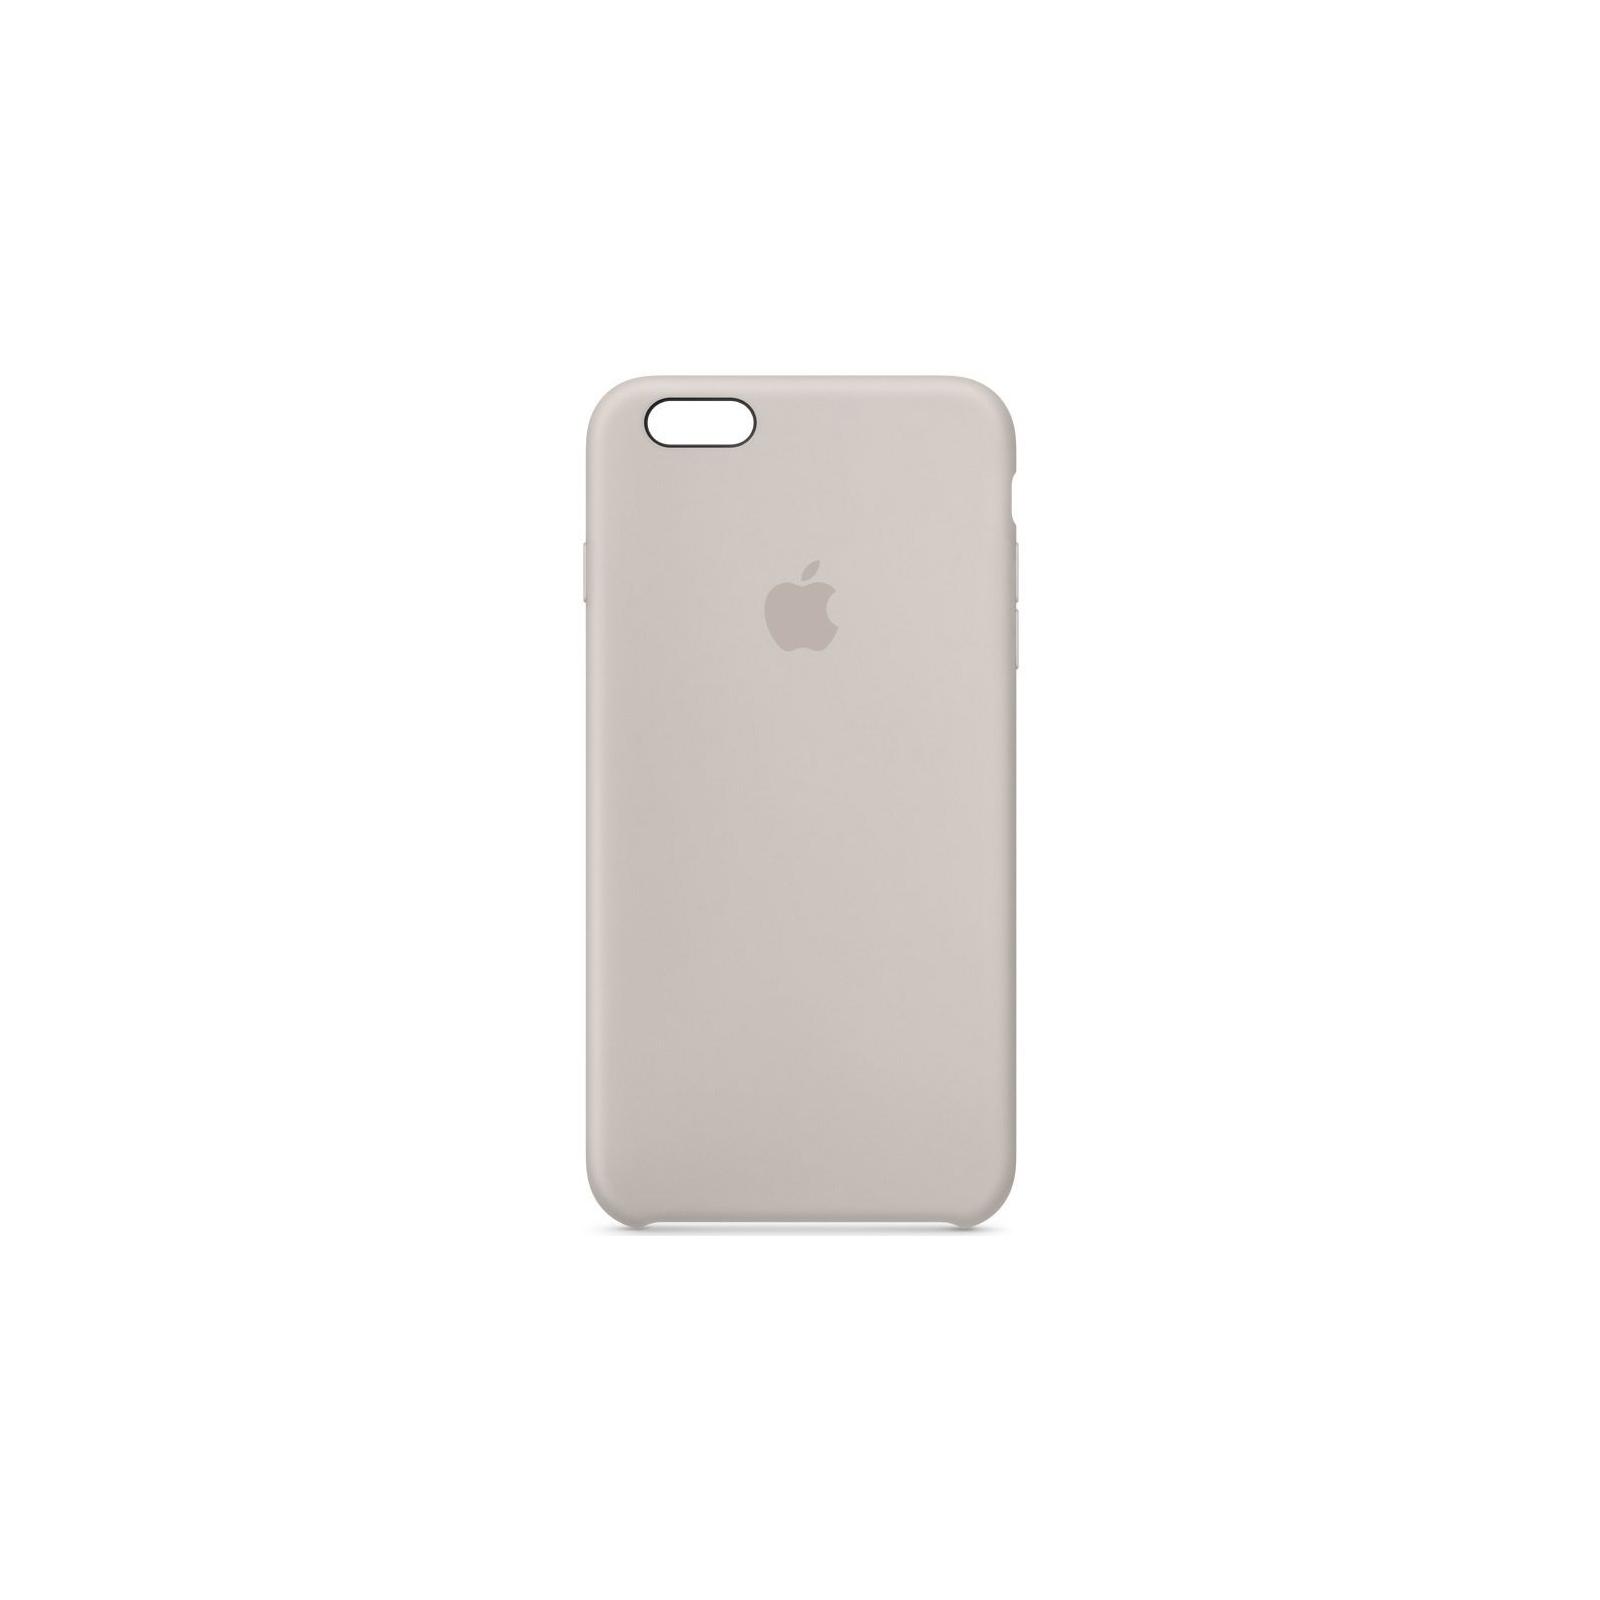 Чехол для моб. телефона Apple для iPhone 6 Plus/6s Plus Stone (MKXN2ZM/A)